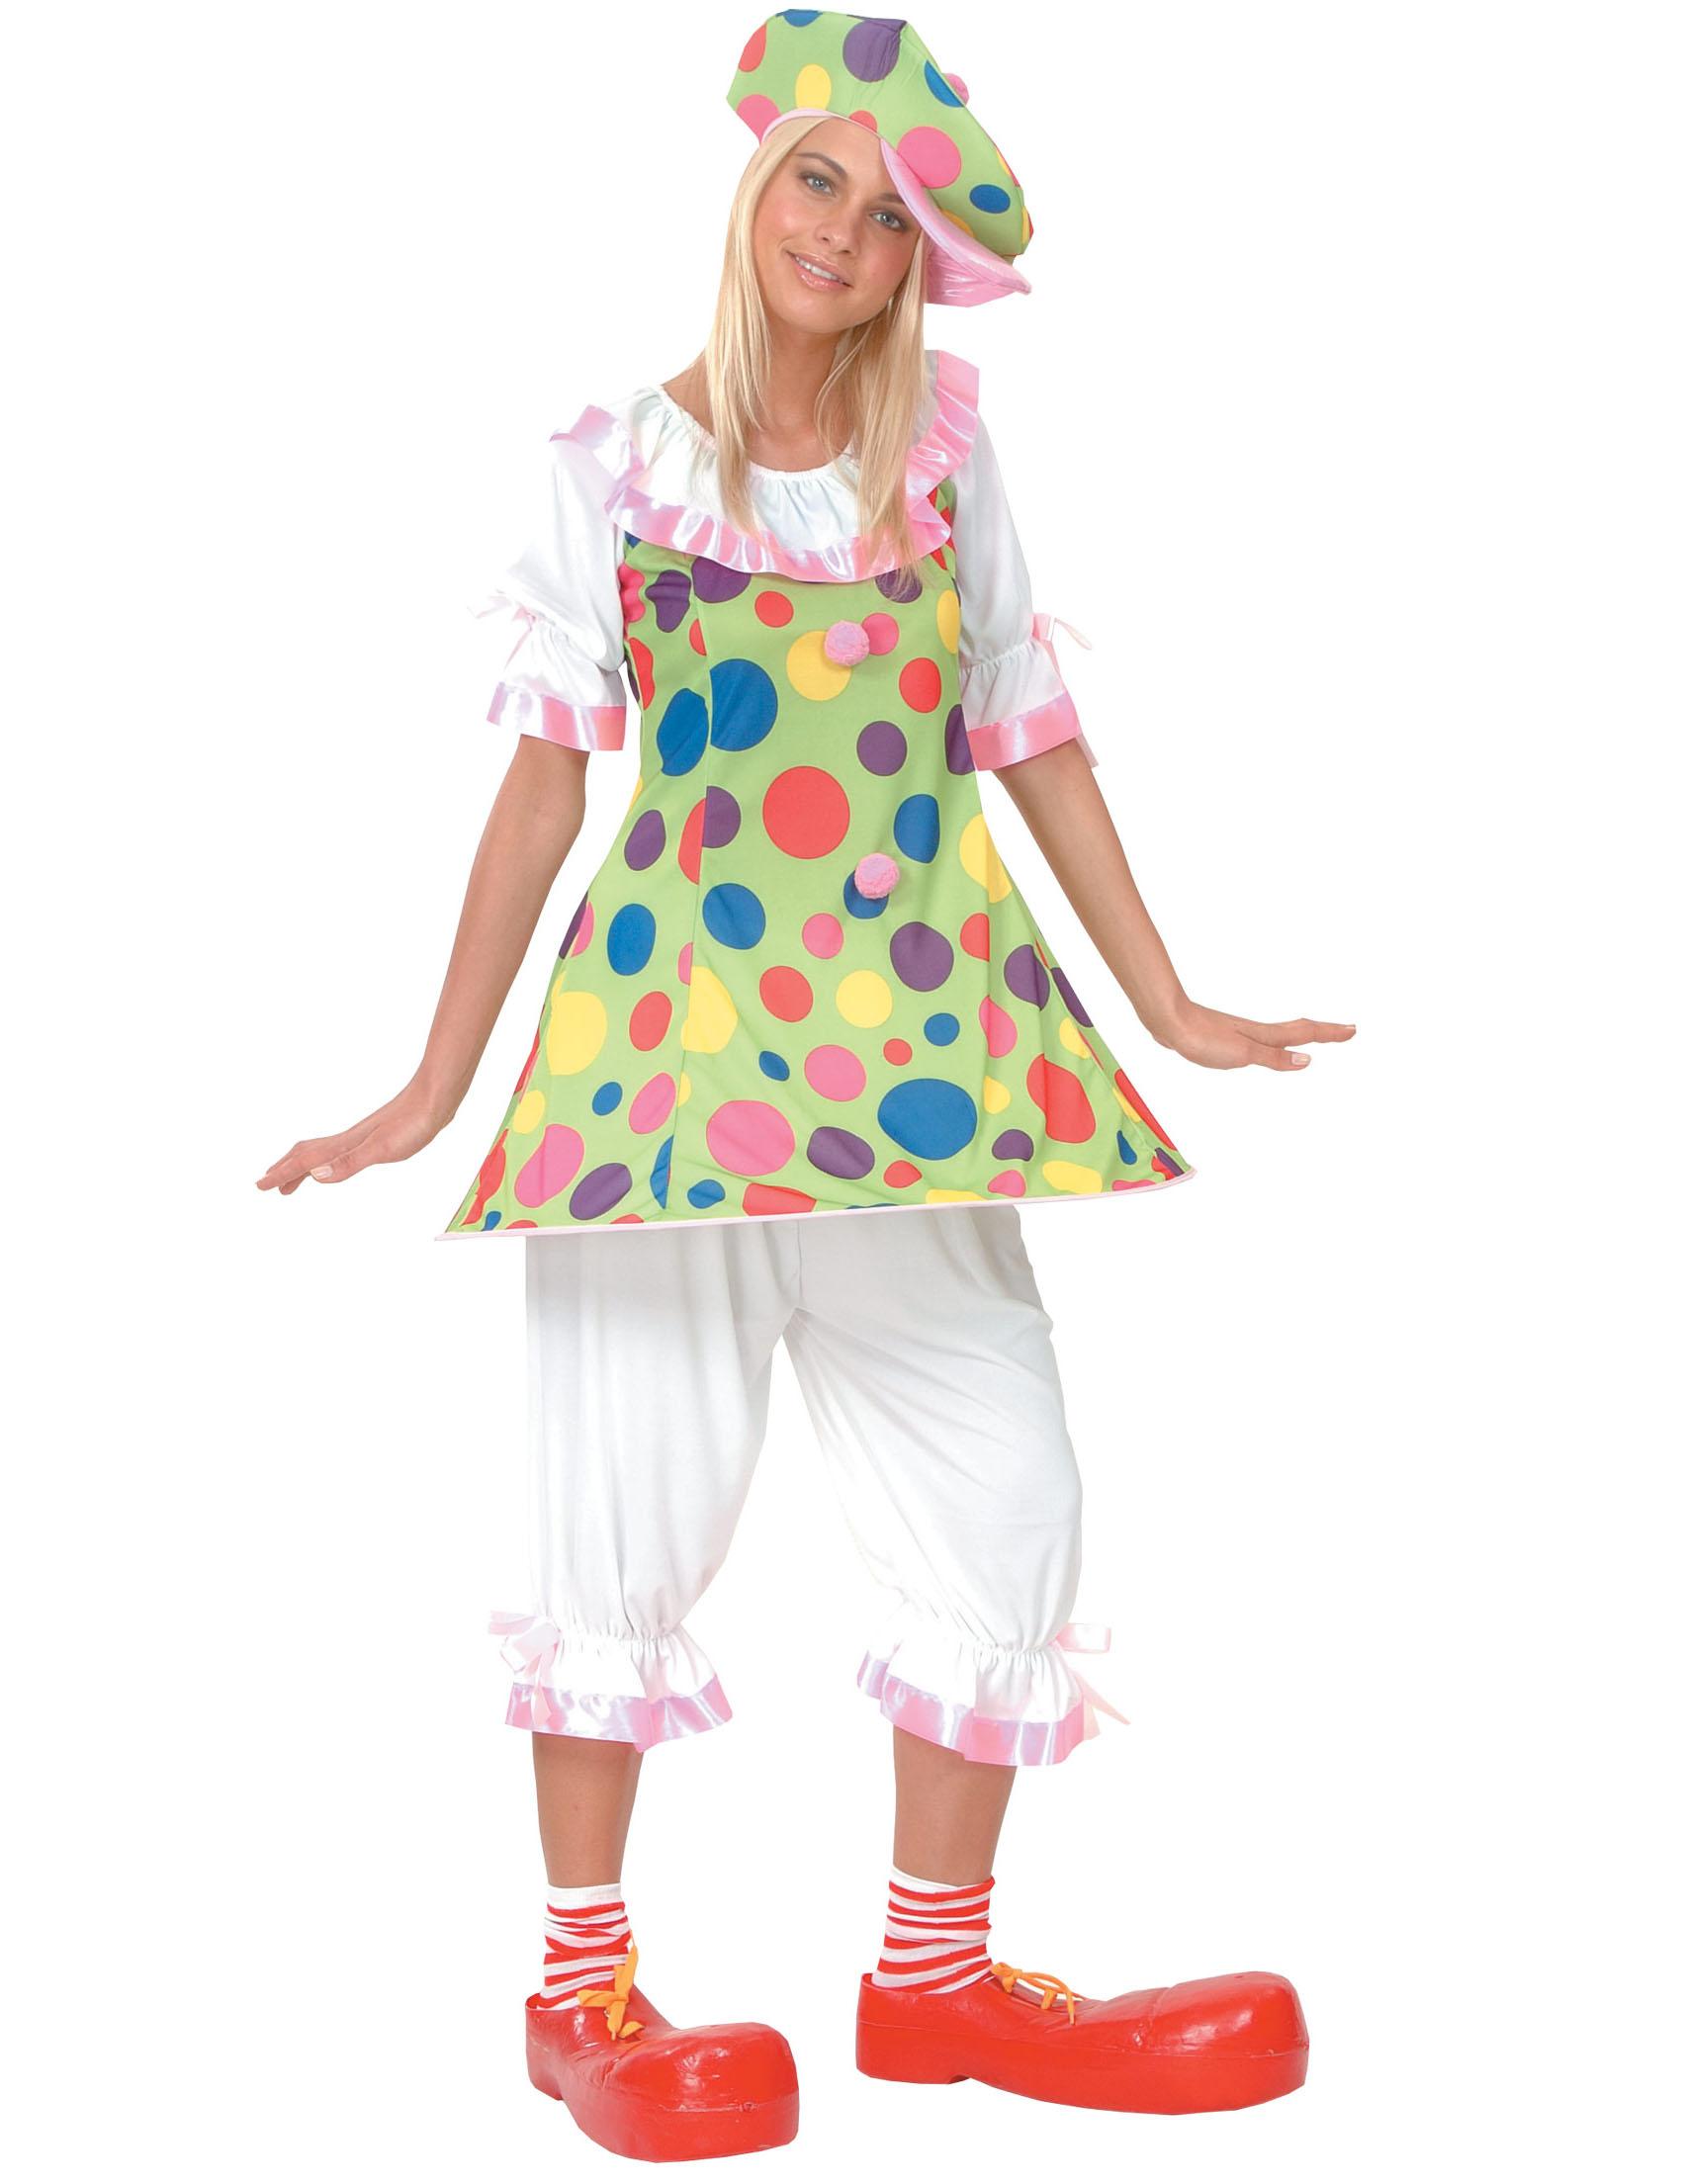 Costume da pagliaccio per donna su VegaooParty 058e82ba2ff